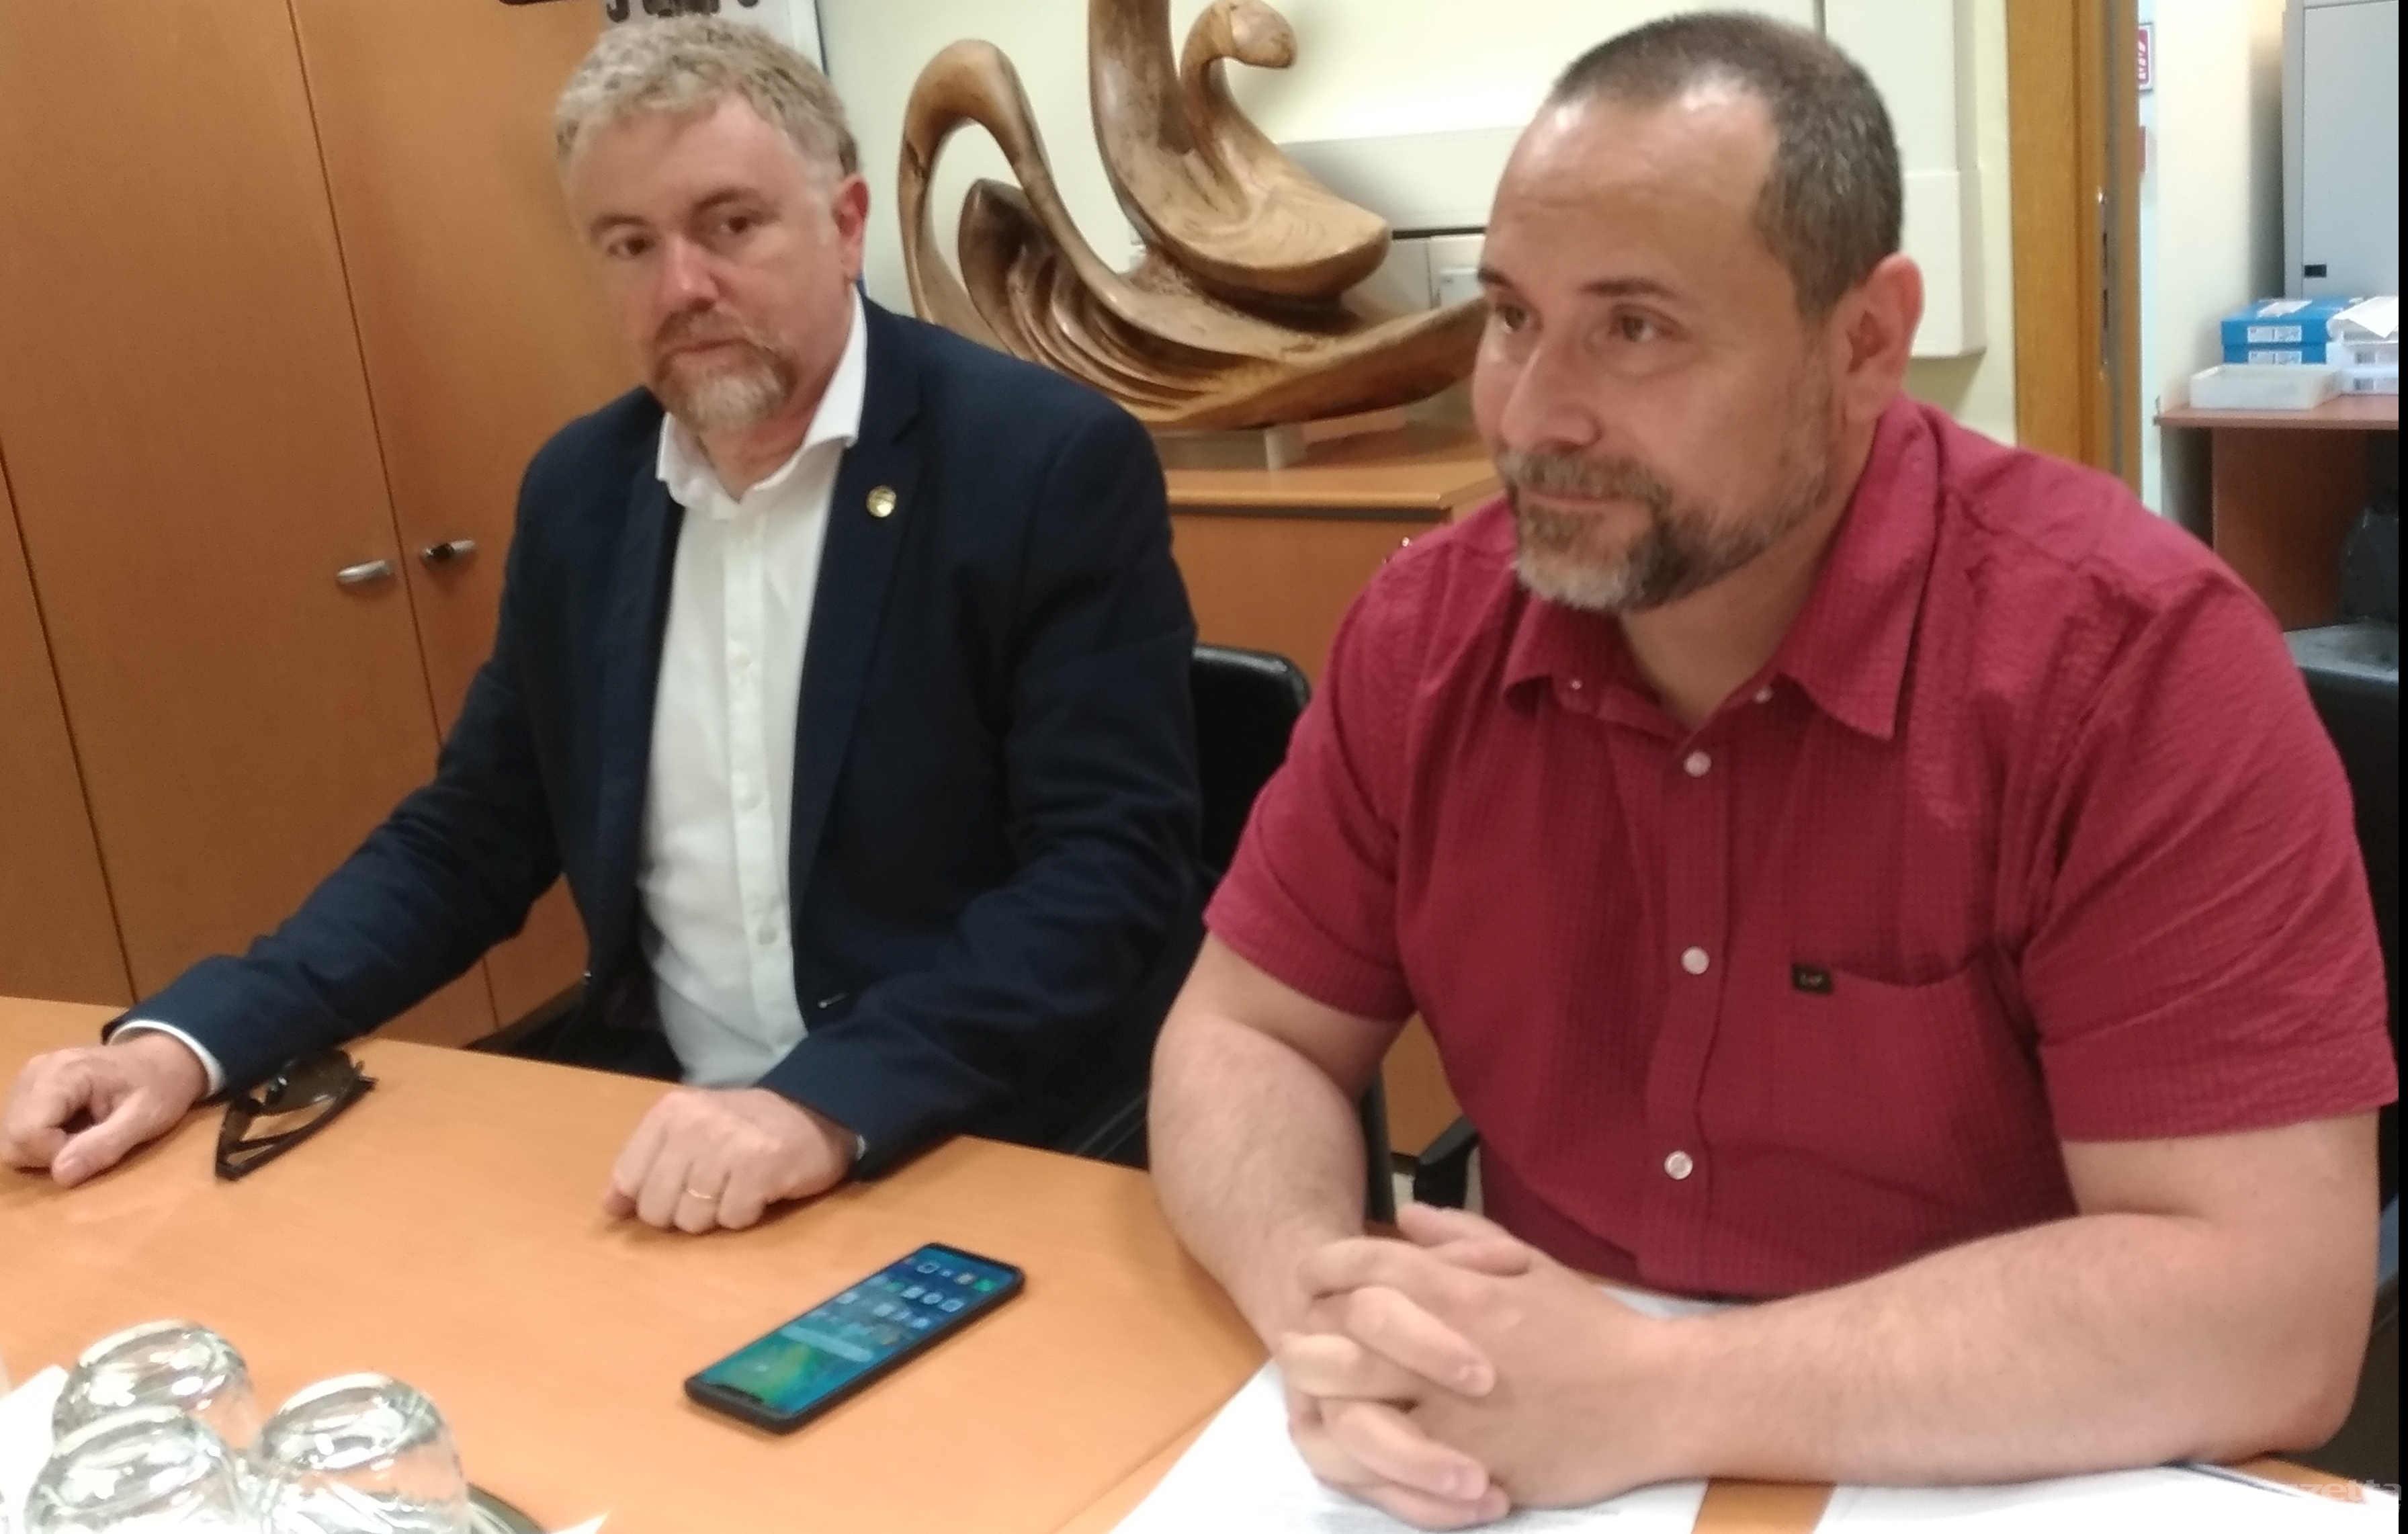 Cva: M5S chiede il controllo esterno del bilancio di gestione